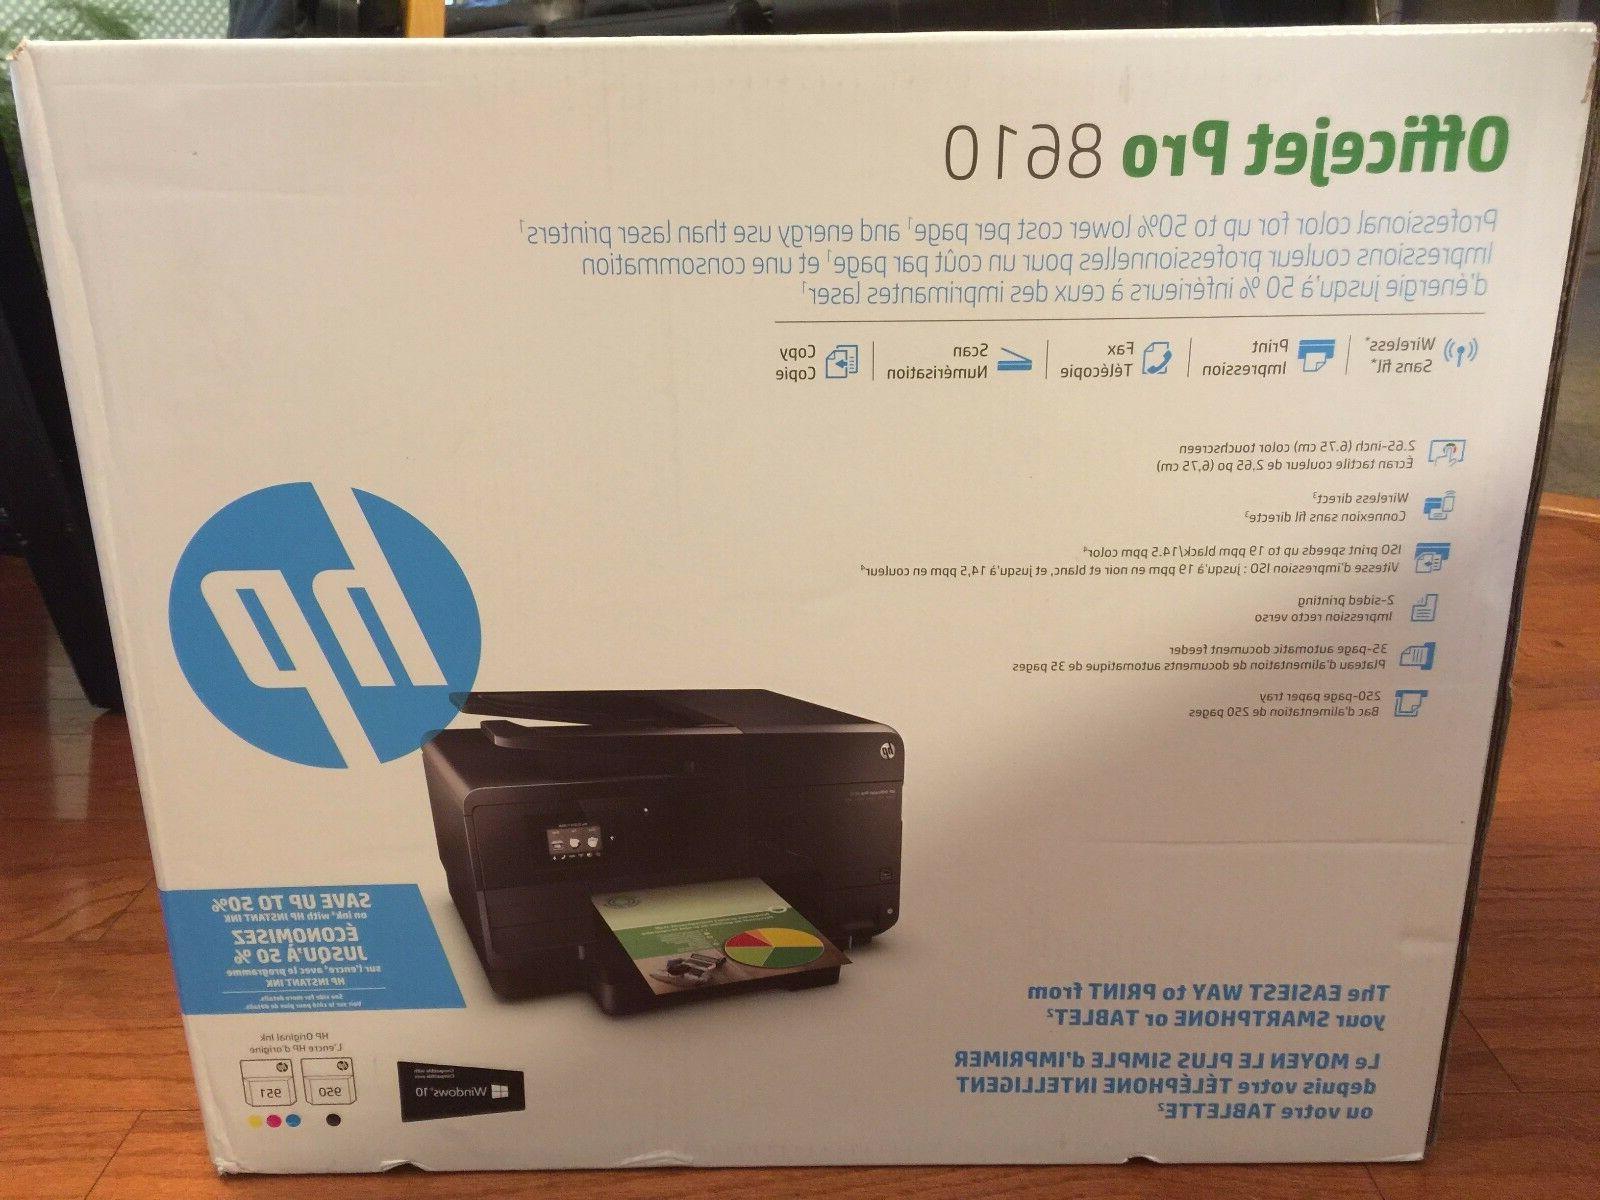 brand new officejet pro 8610 wireless all